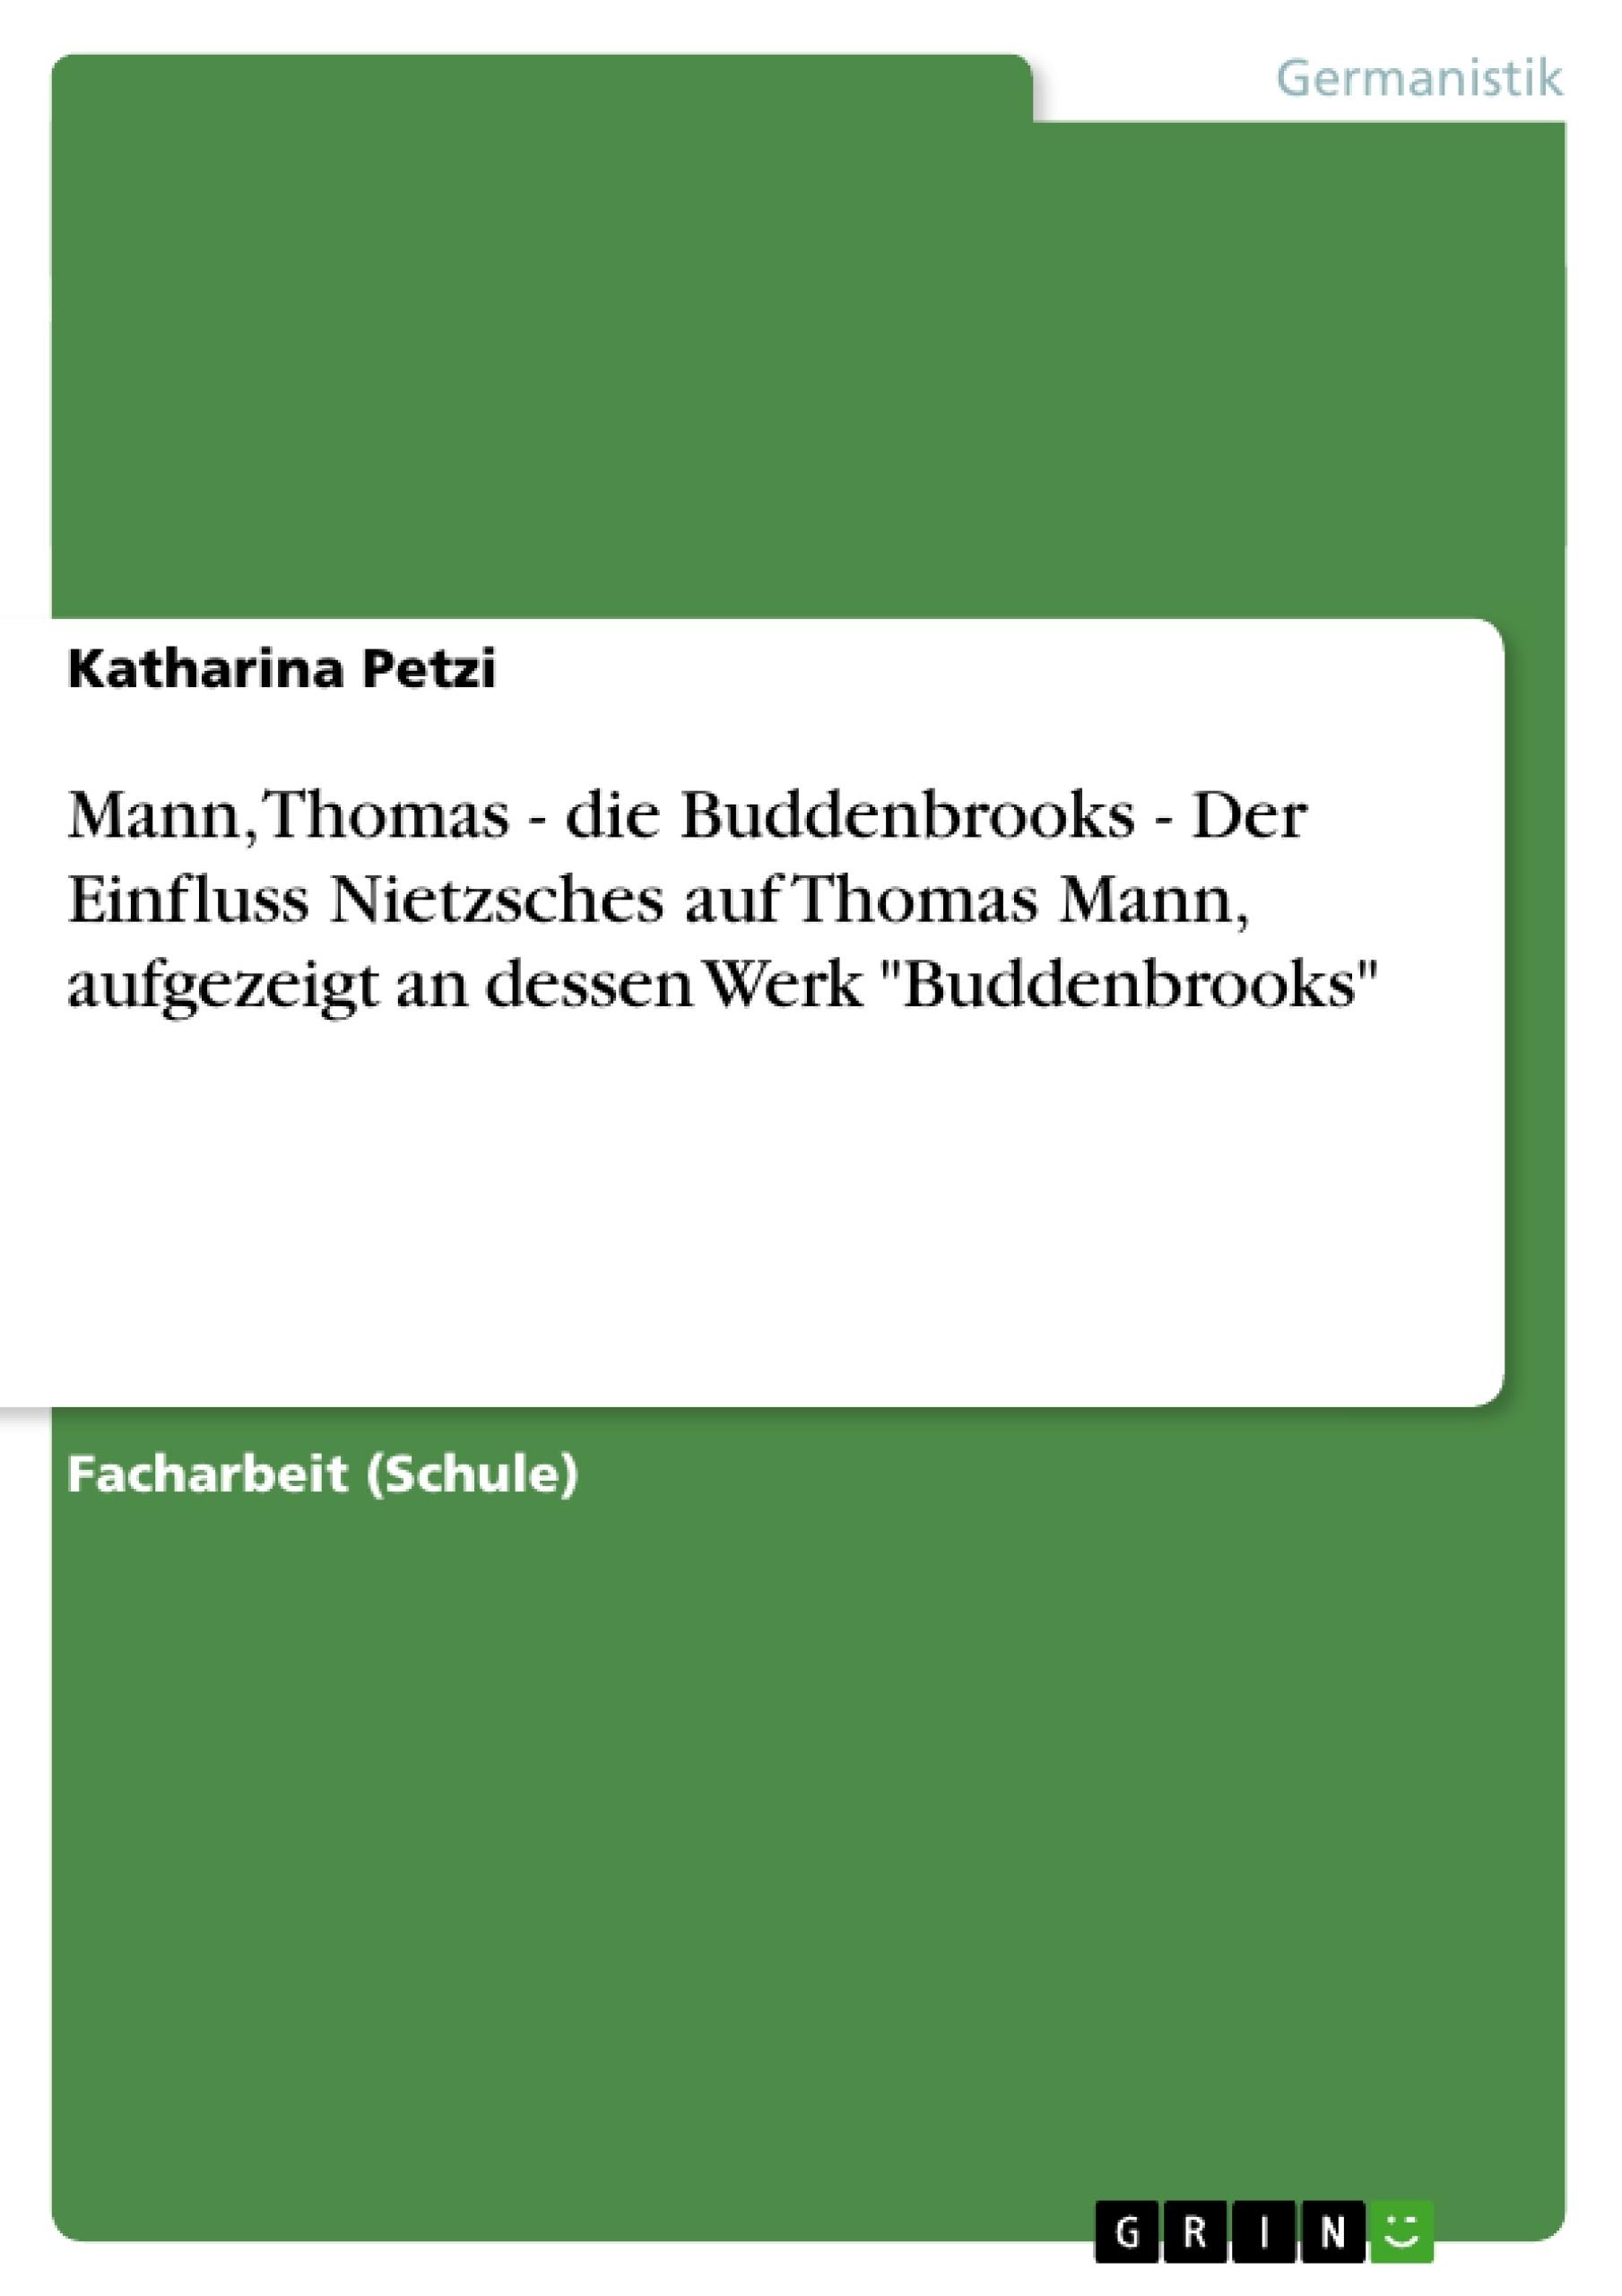 """Titel: Mann, Thomas - die Buddenbrooks - Der Einfluss Nietzsches auf Thomas Mann, aufgezeigt an dessen Werk """"Buddenbrooks"""""""